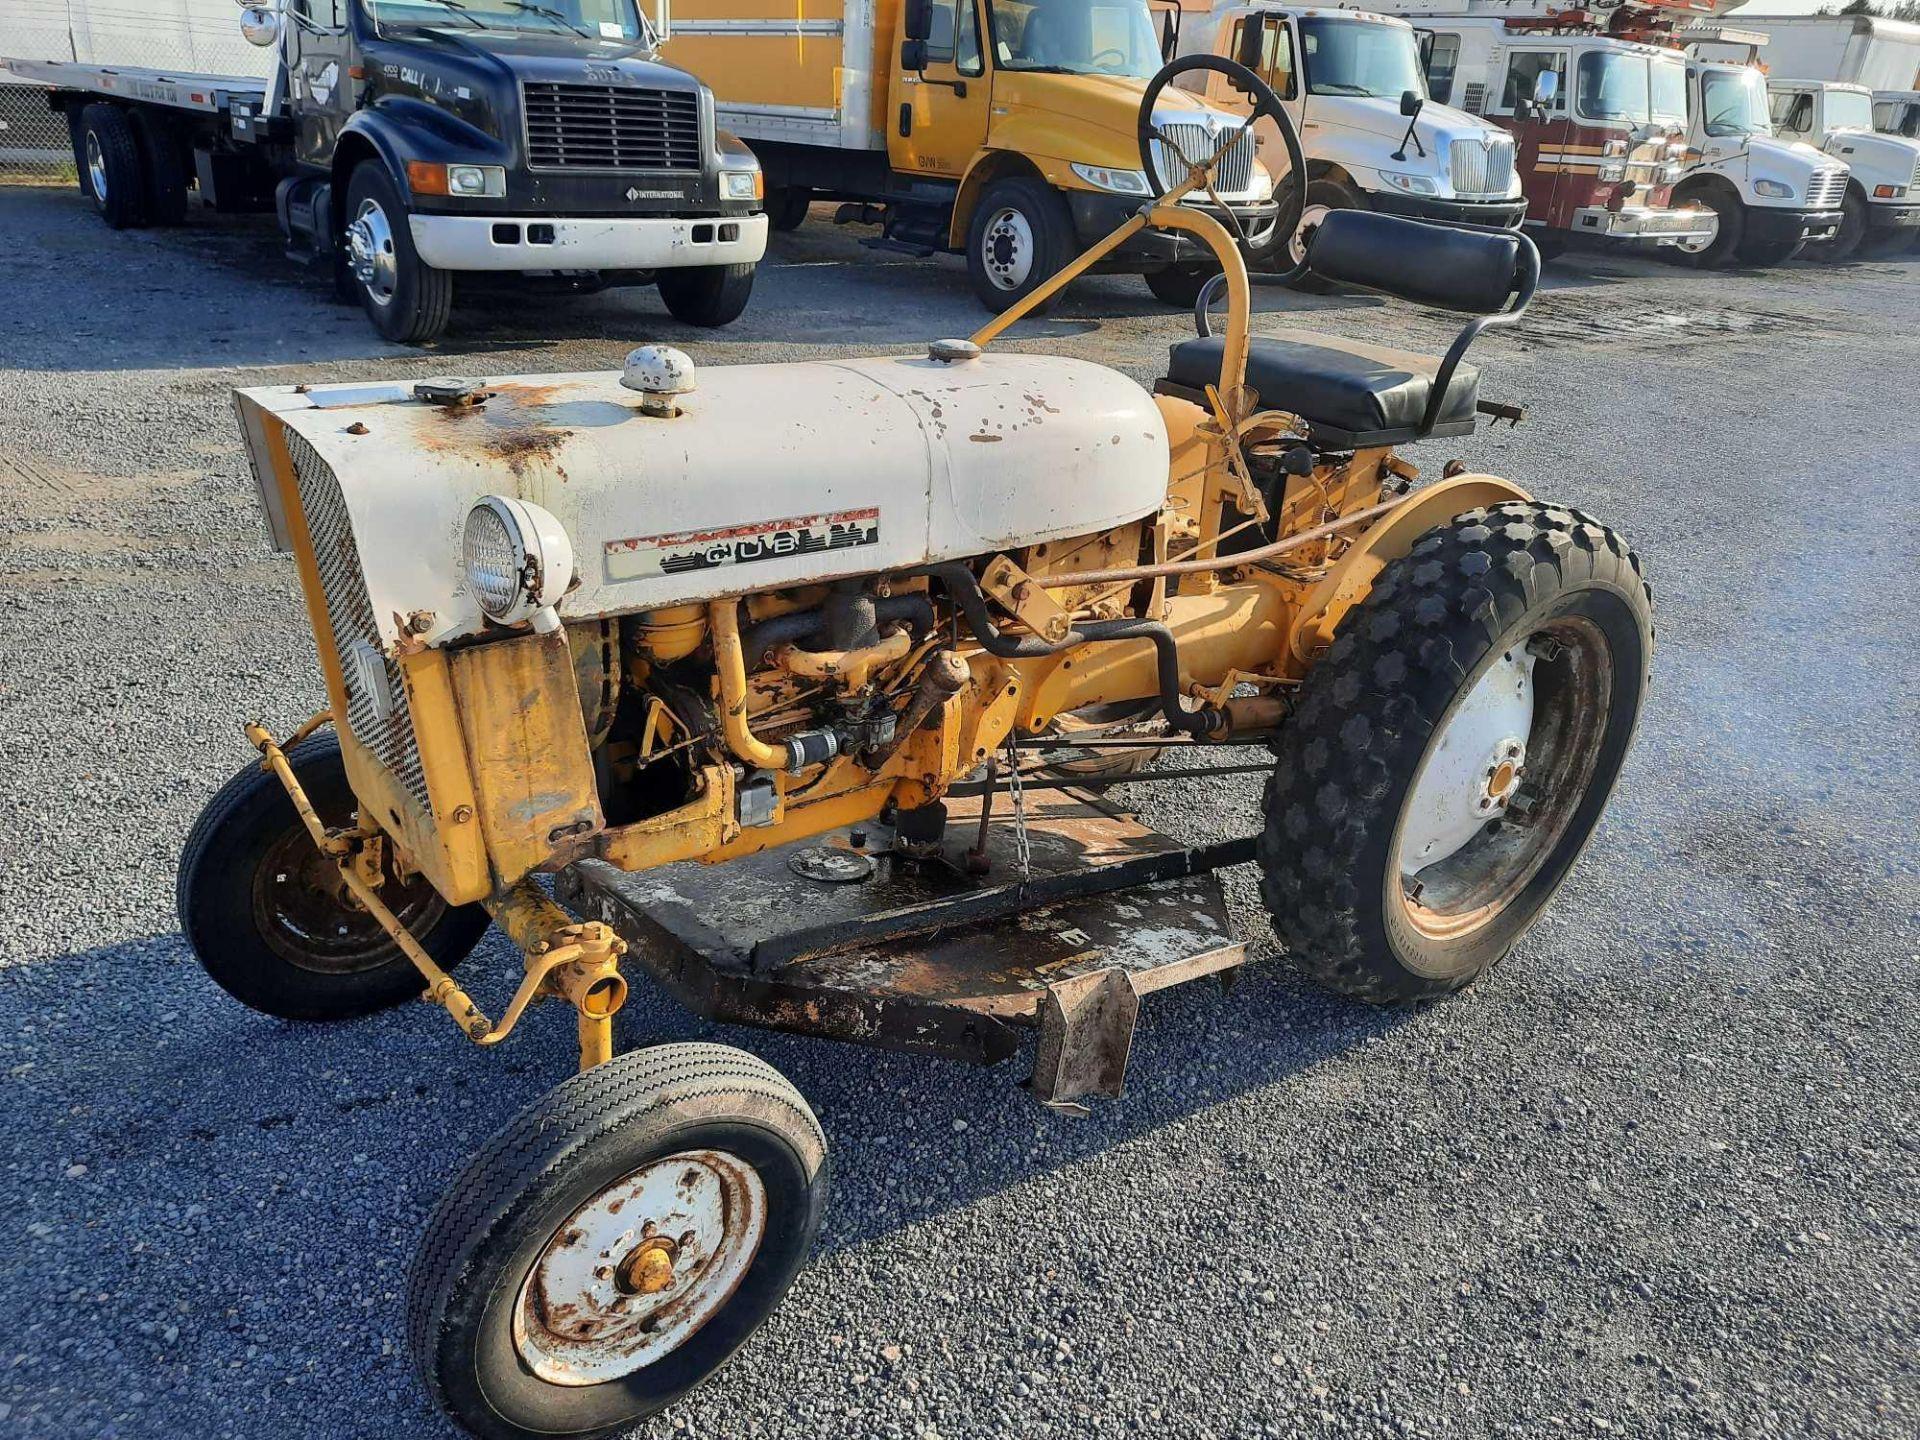 INTERNATIONAL CUB FARM TRACTOR W/ MOWER DECK ATTACHMENT - Image 2 of 4